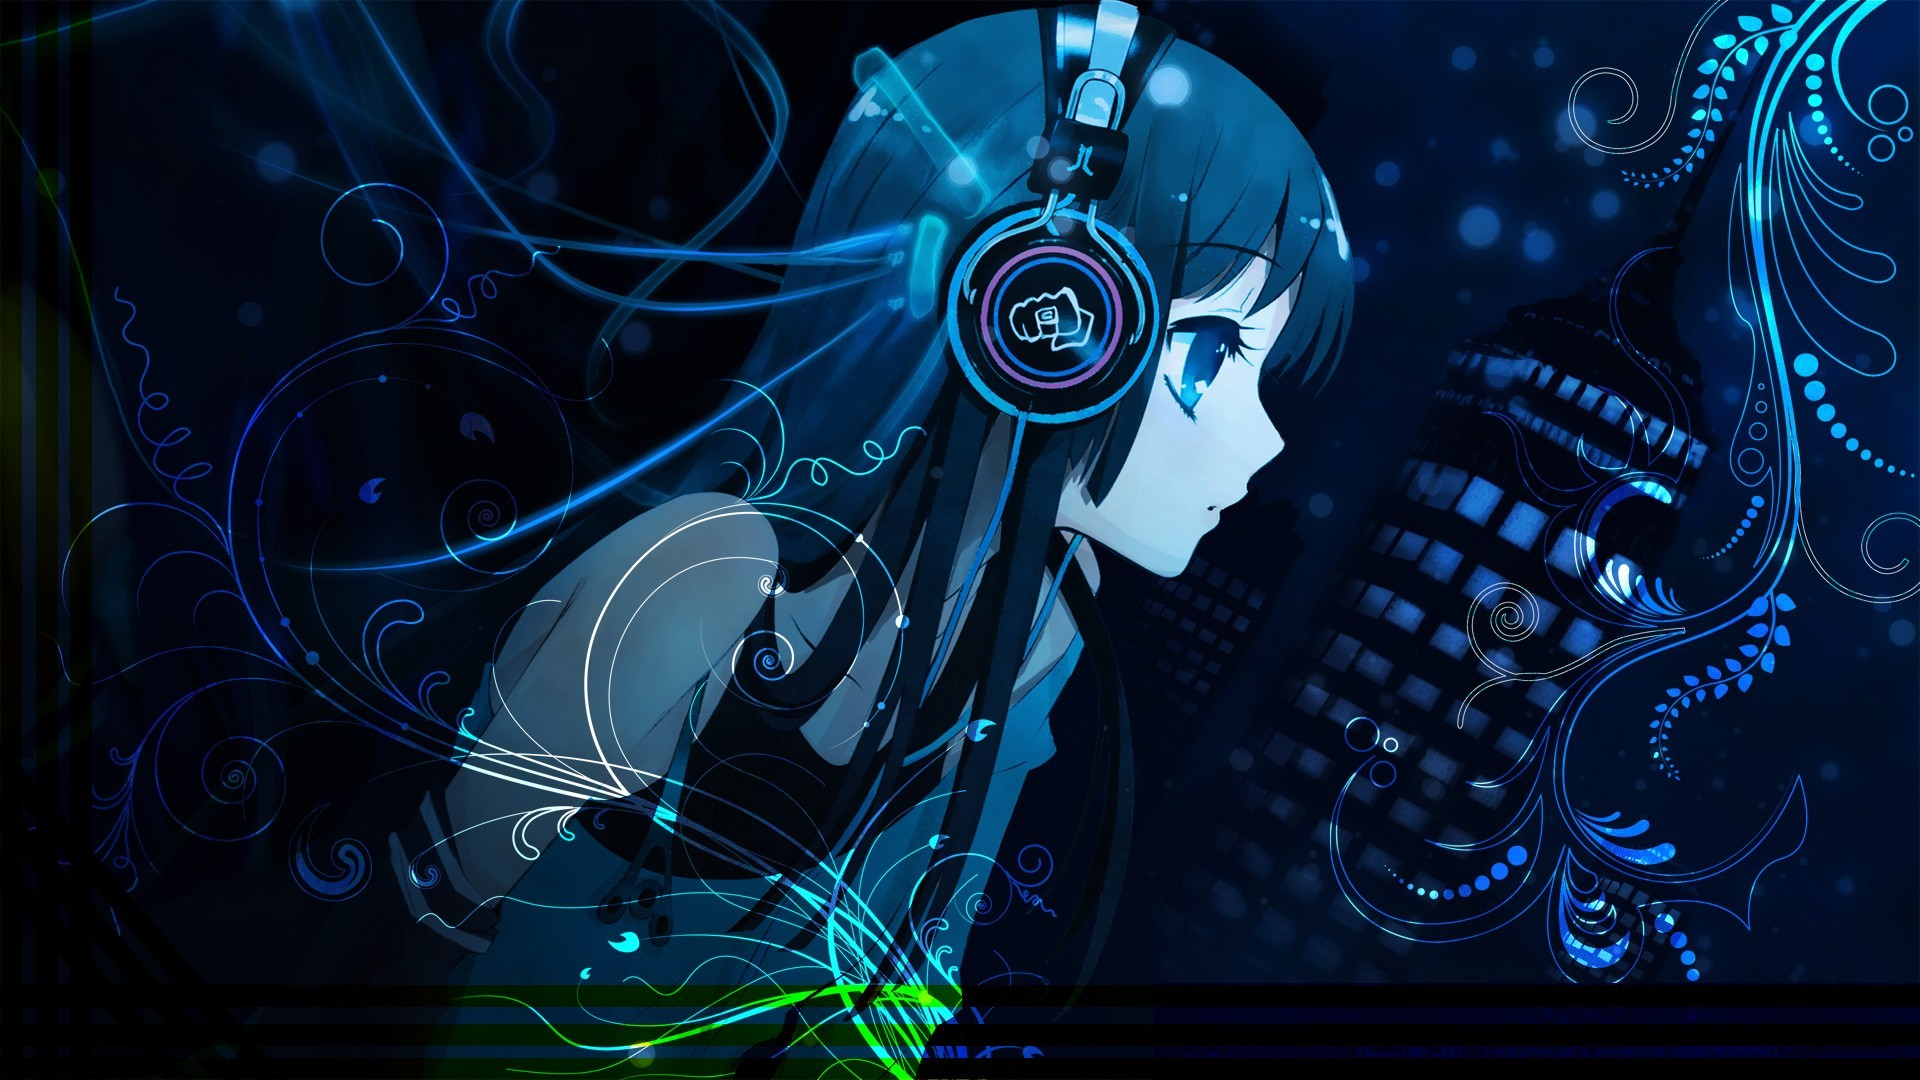 Scarica musica anime e video per dispositivi mobili 1